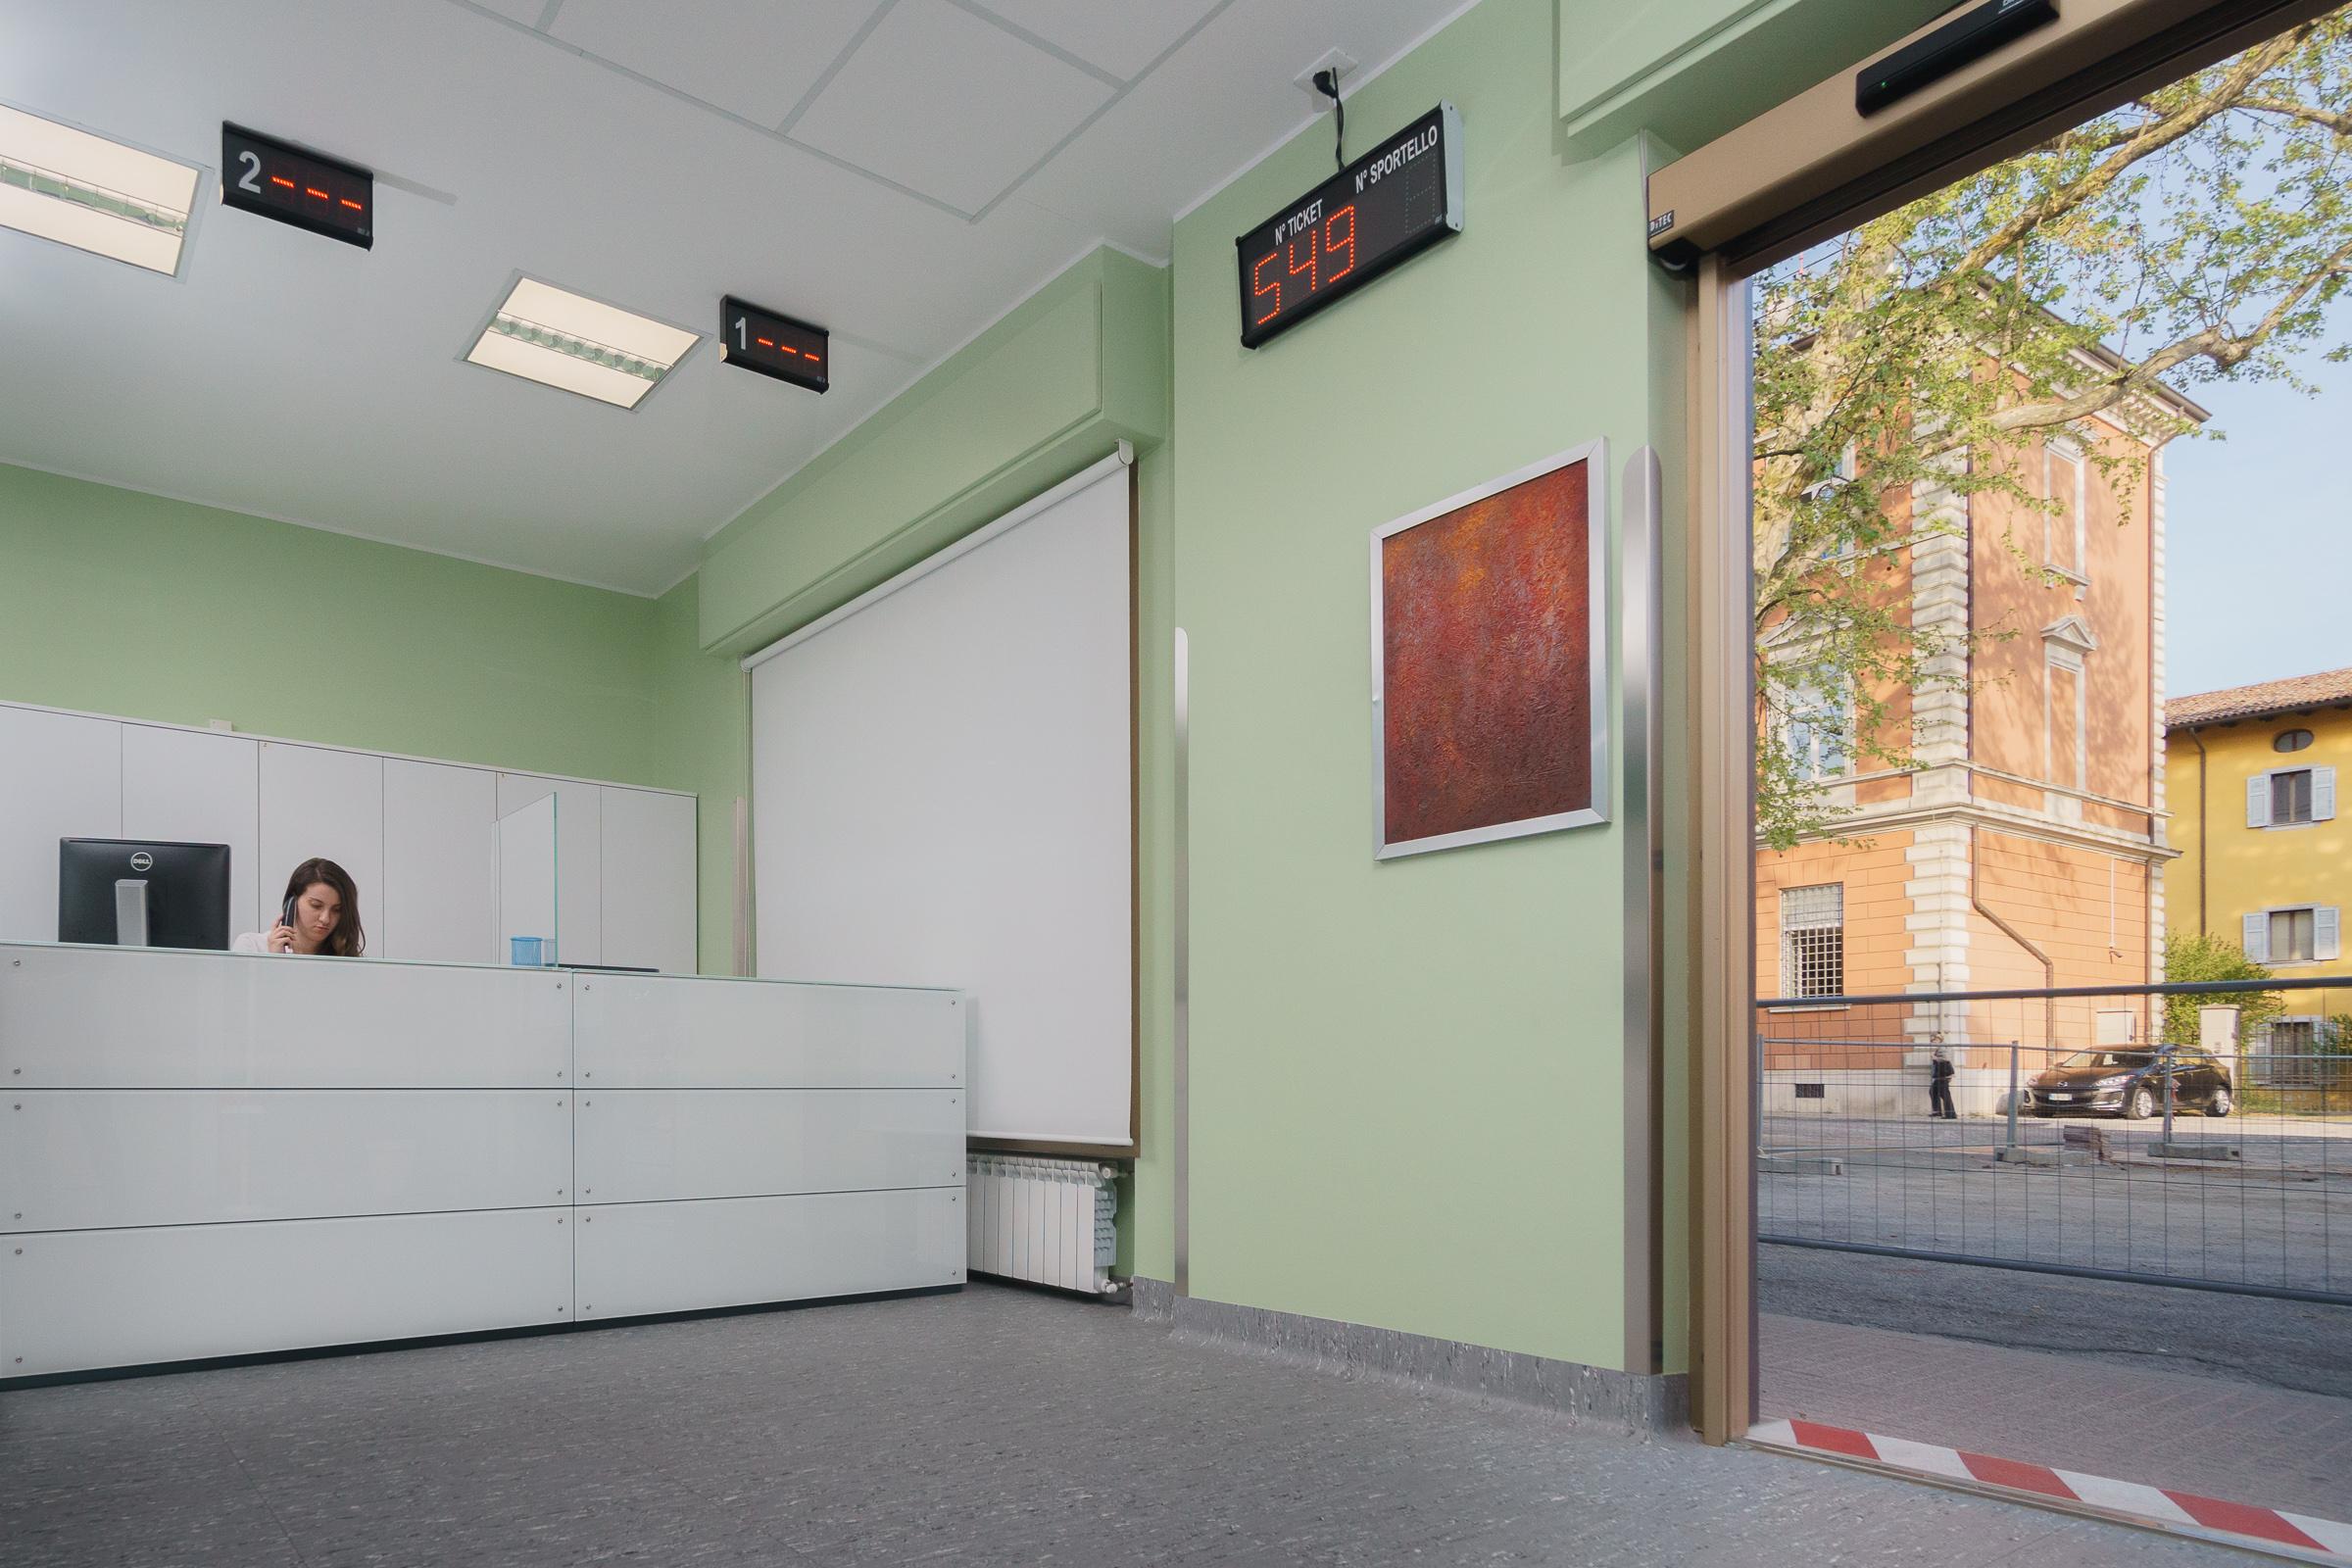 Ufficio Del Lavoro Gorizia : Sede di gorizia casa di cura salus